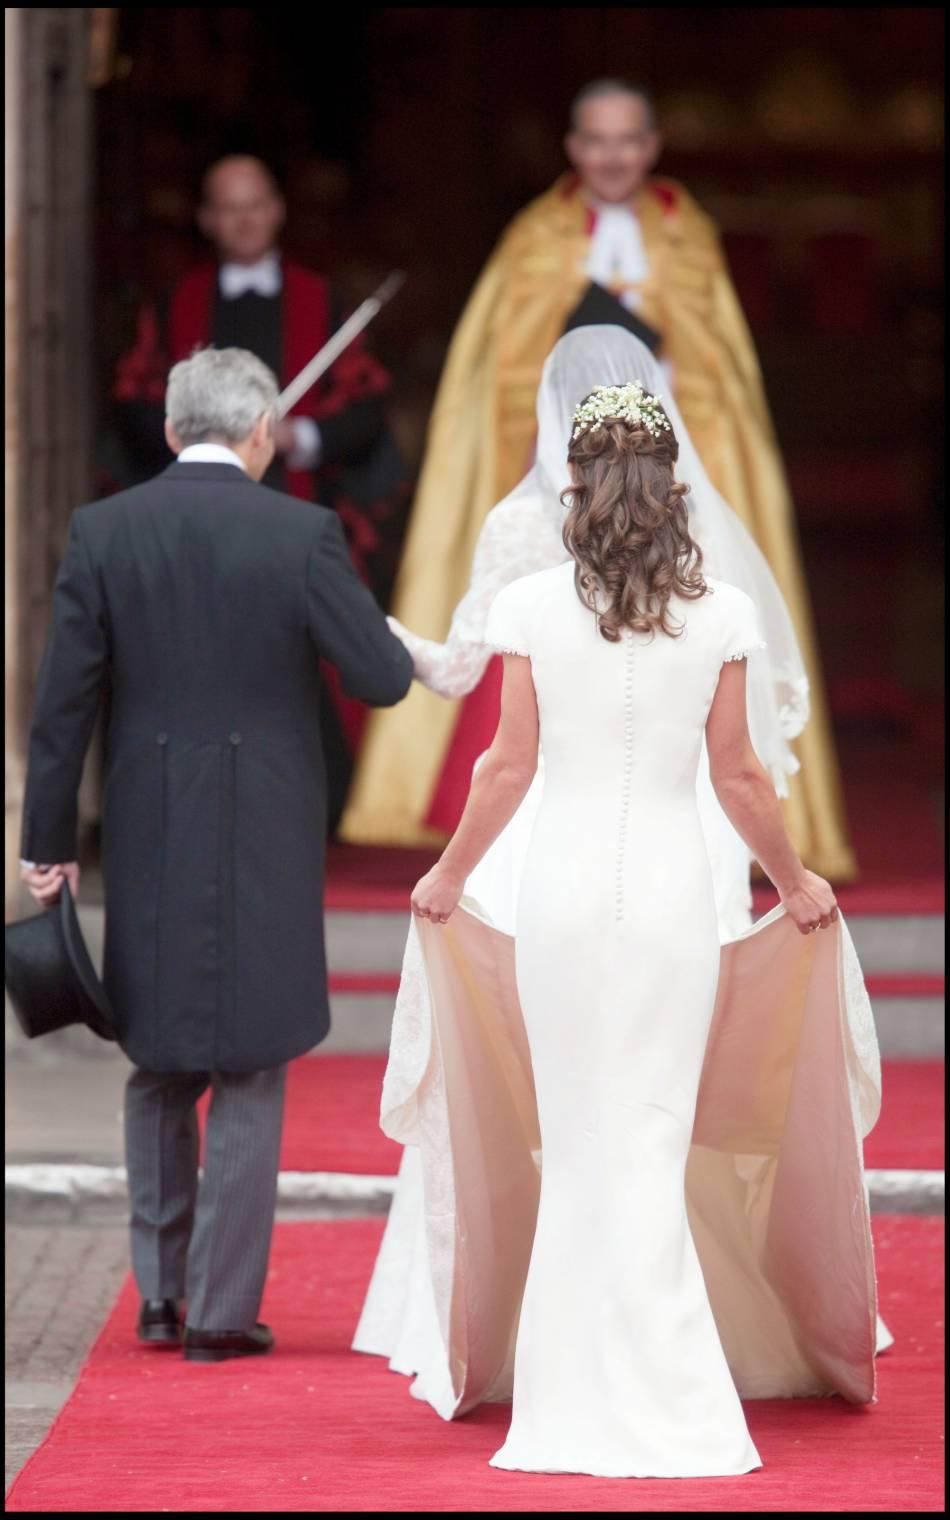 Ces photos ont fait le tour du monde : le popotin de Pippa était la star incontestable du mariage du prince William.